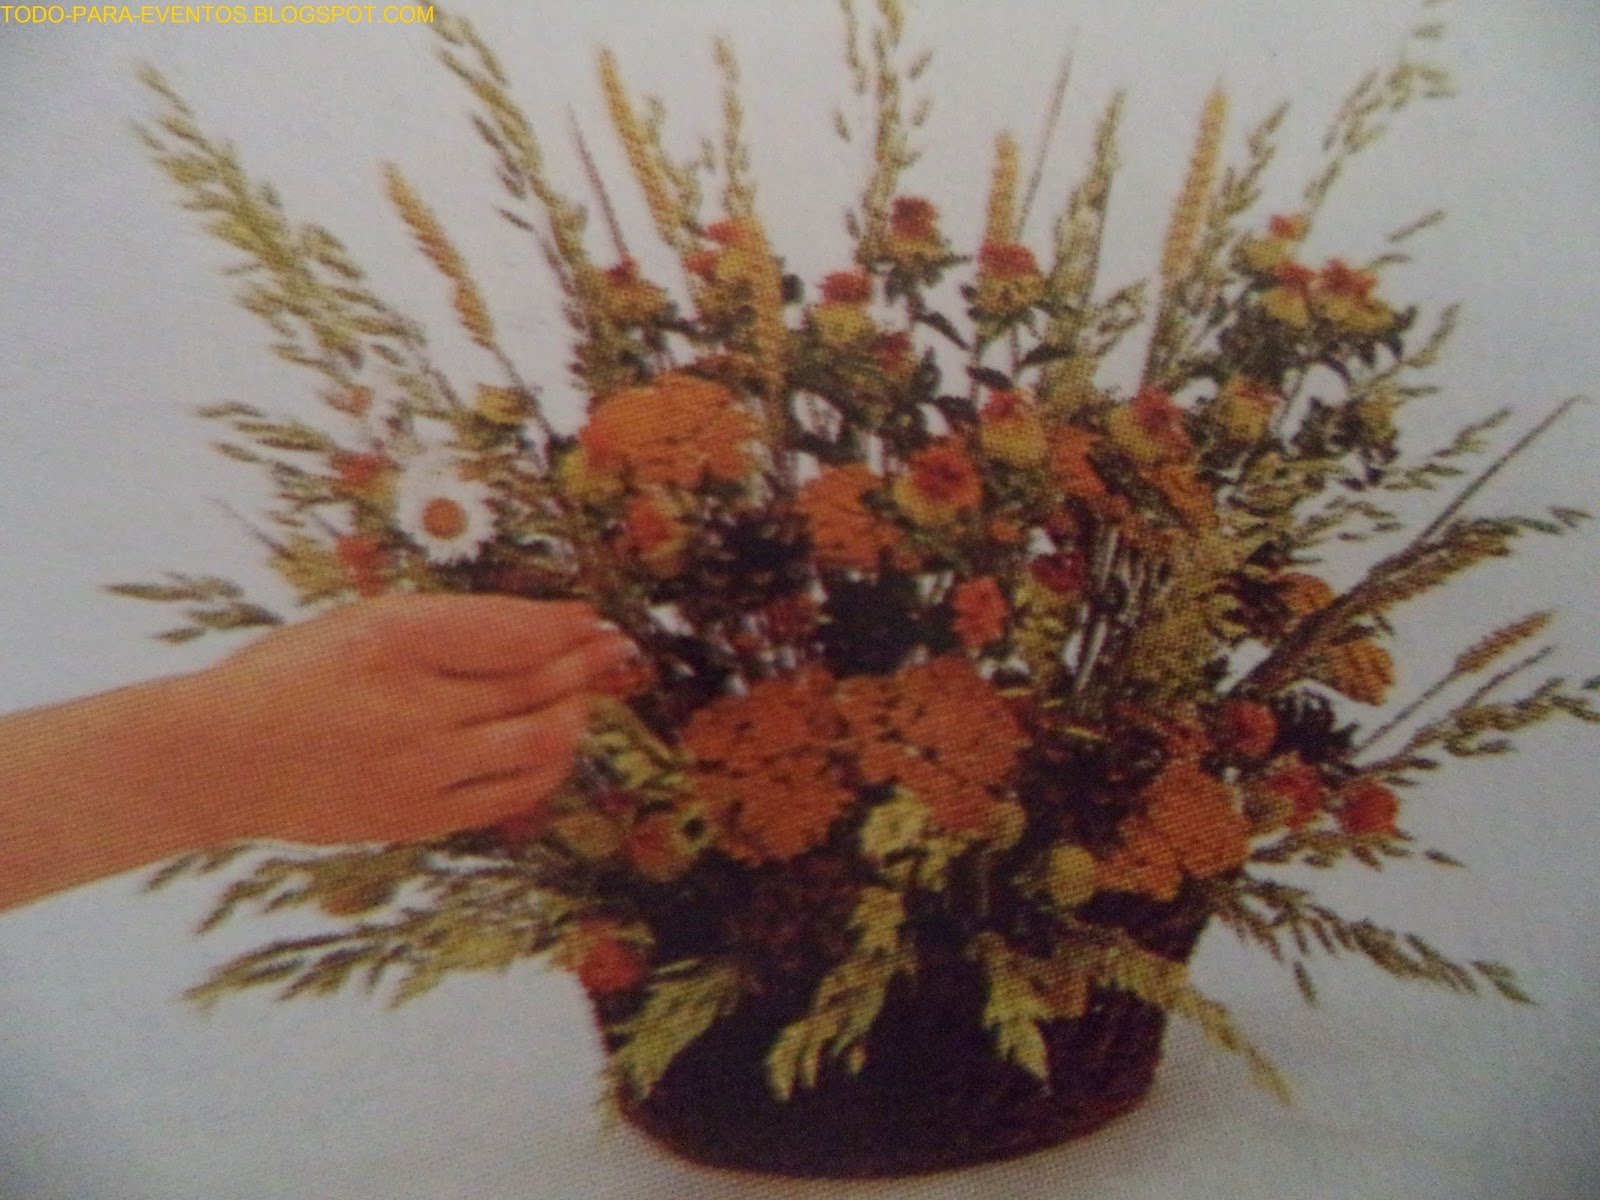 Todo para eventos arreglos de flores secas - Adornos flores secas ...